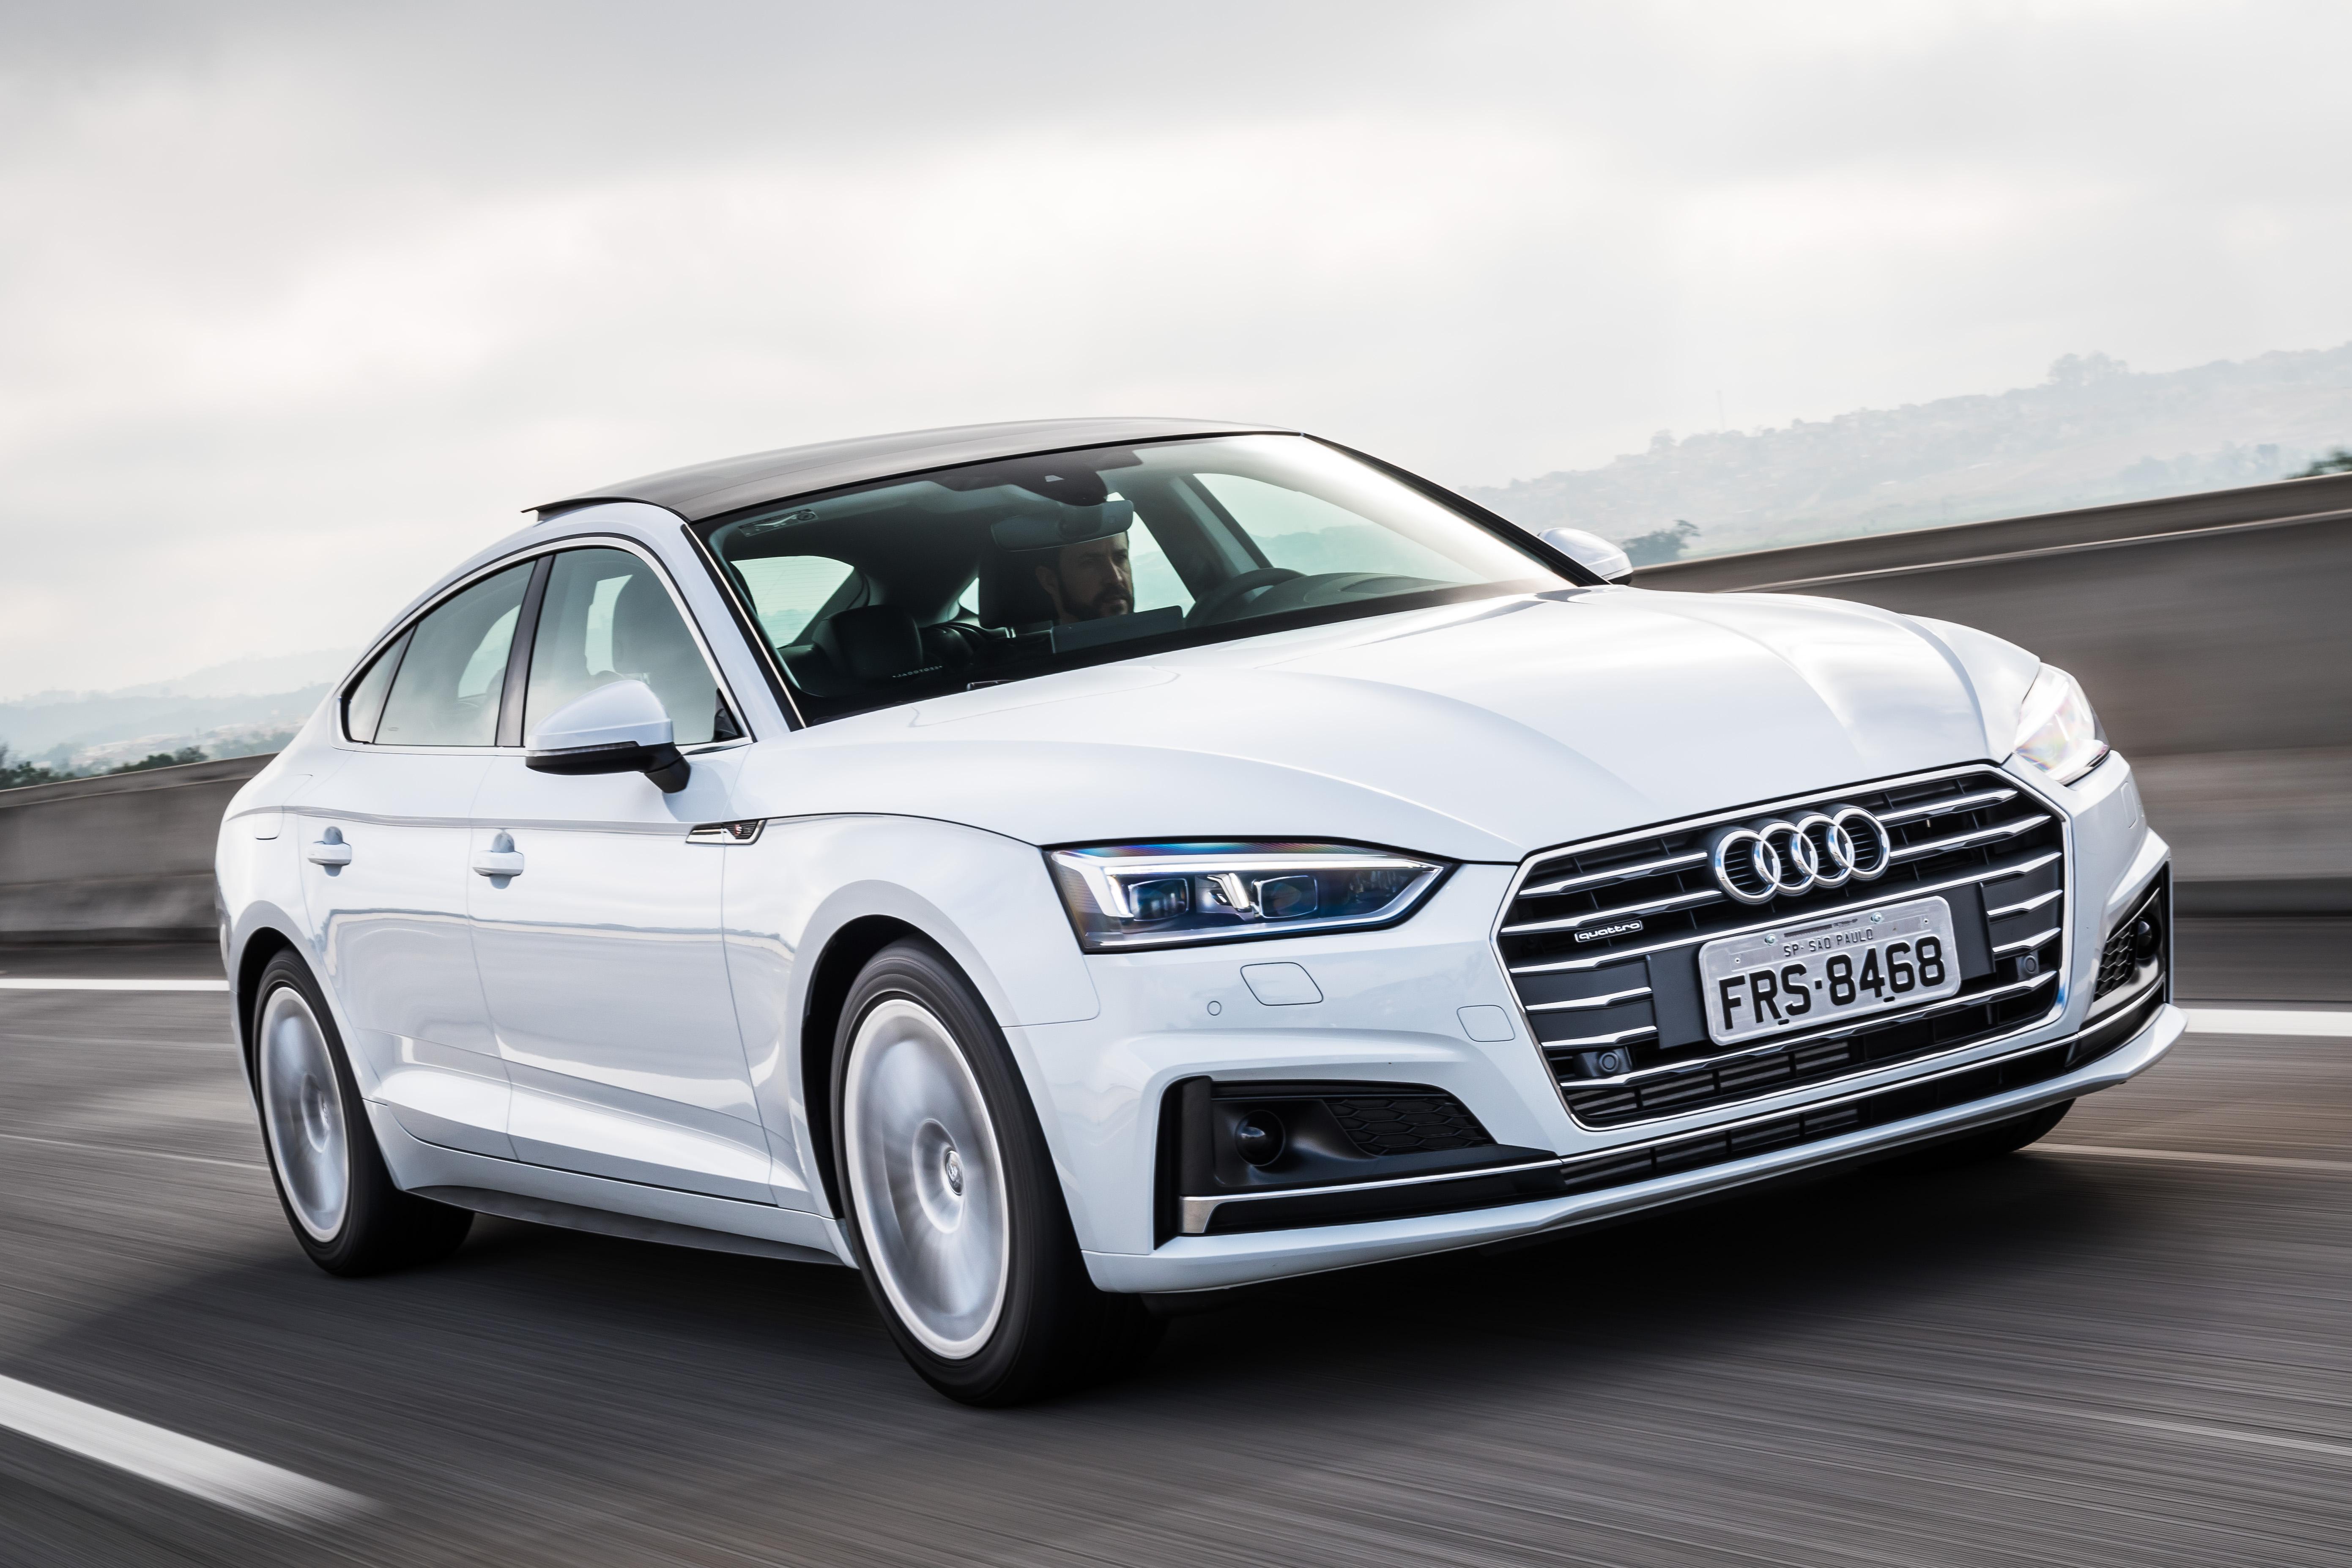 Kelebihan Kekurangan Audi M5 Harga